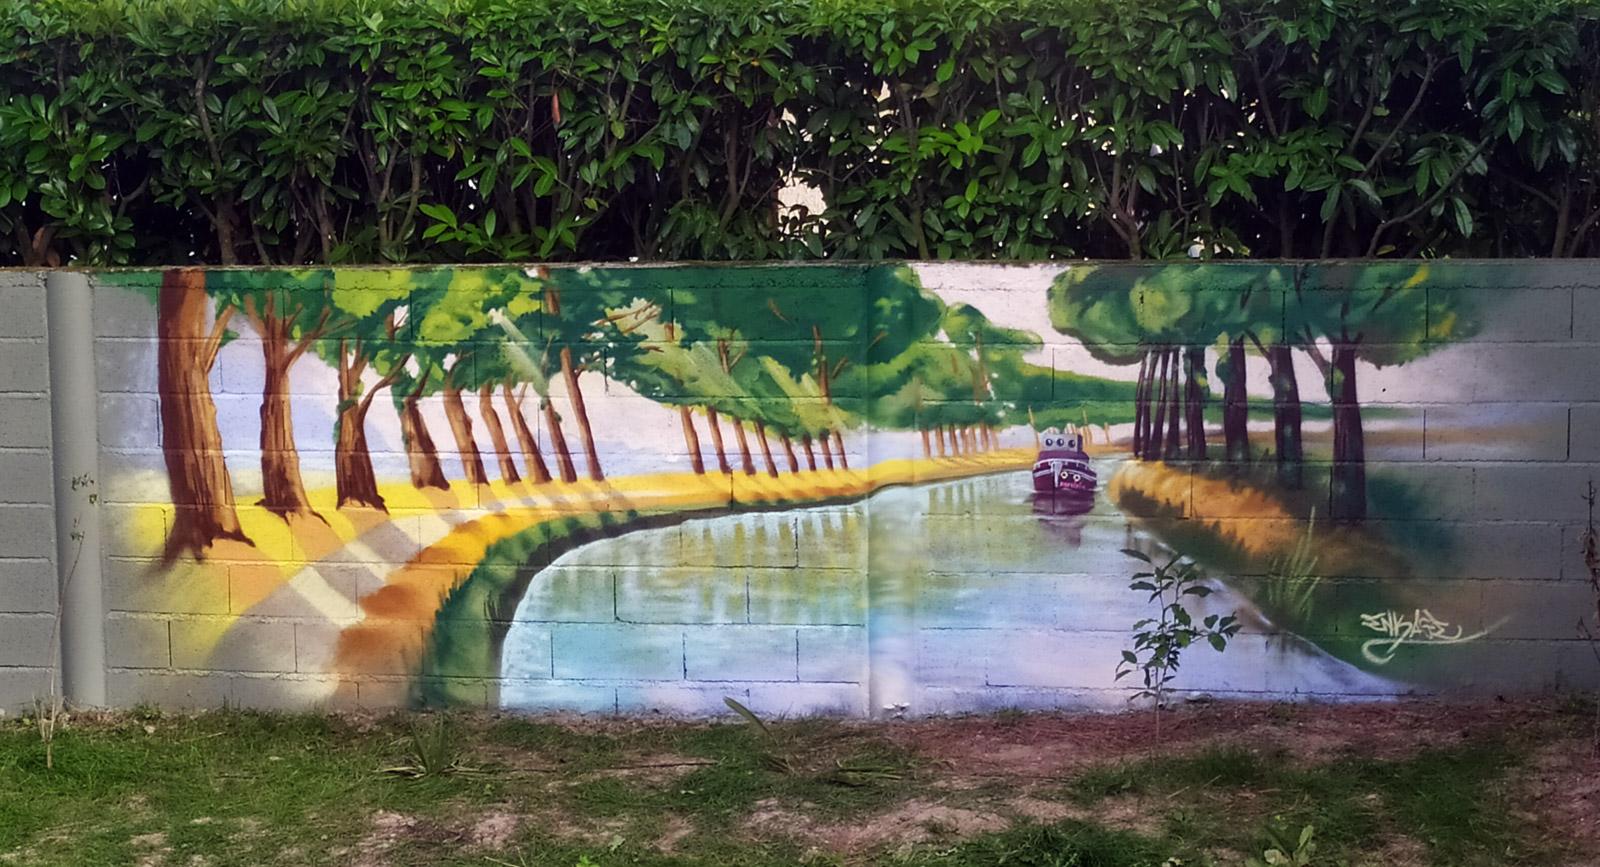 Décoration fresque murale en extérieur: Le Canal du midi en graffiti